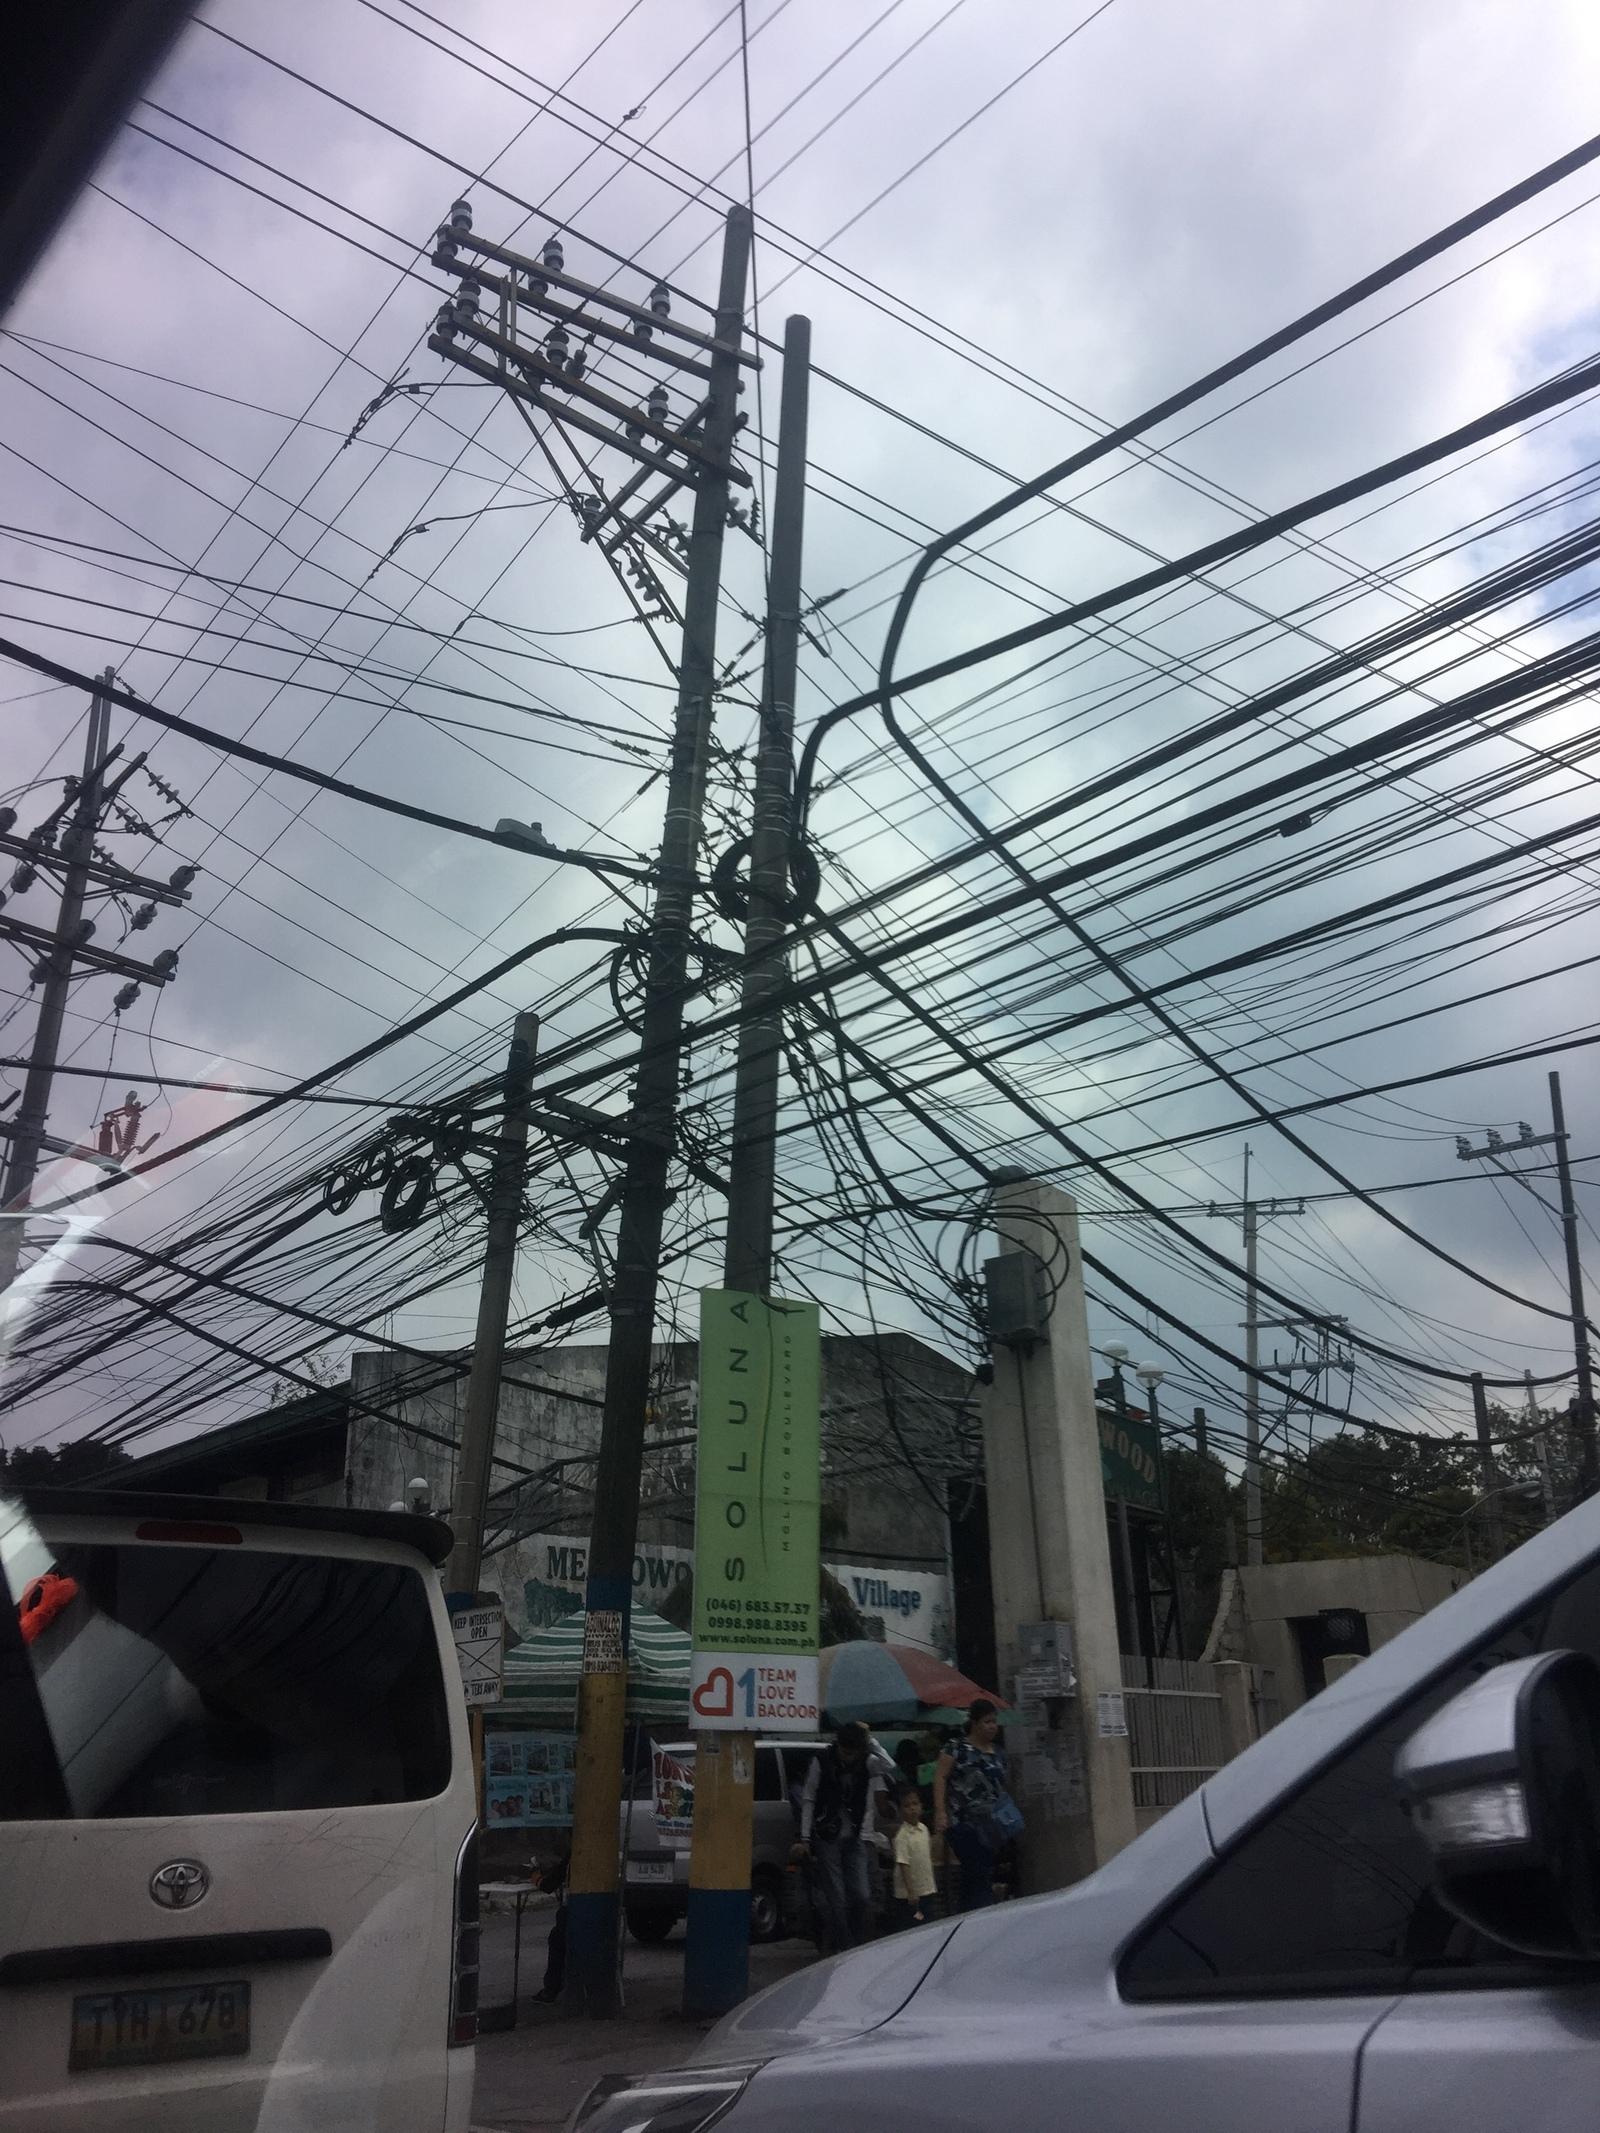 Дешевый хостинг на филиппинах настройка прокси для сайта